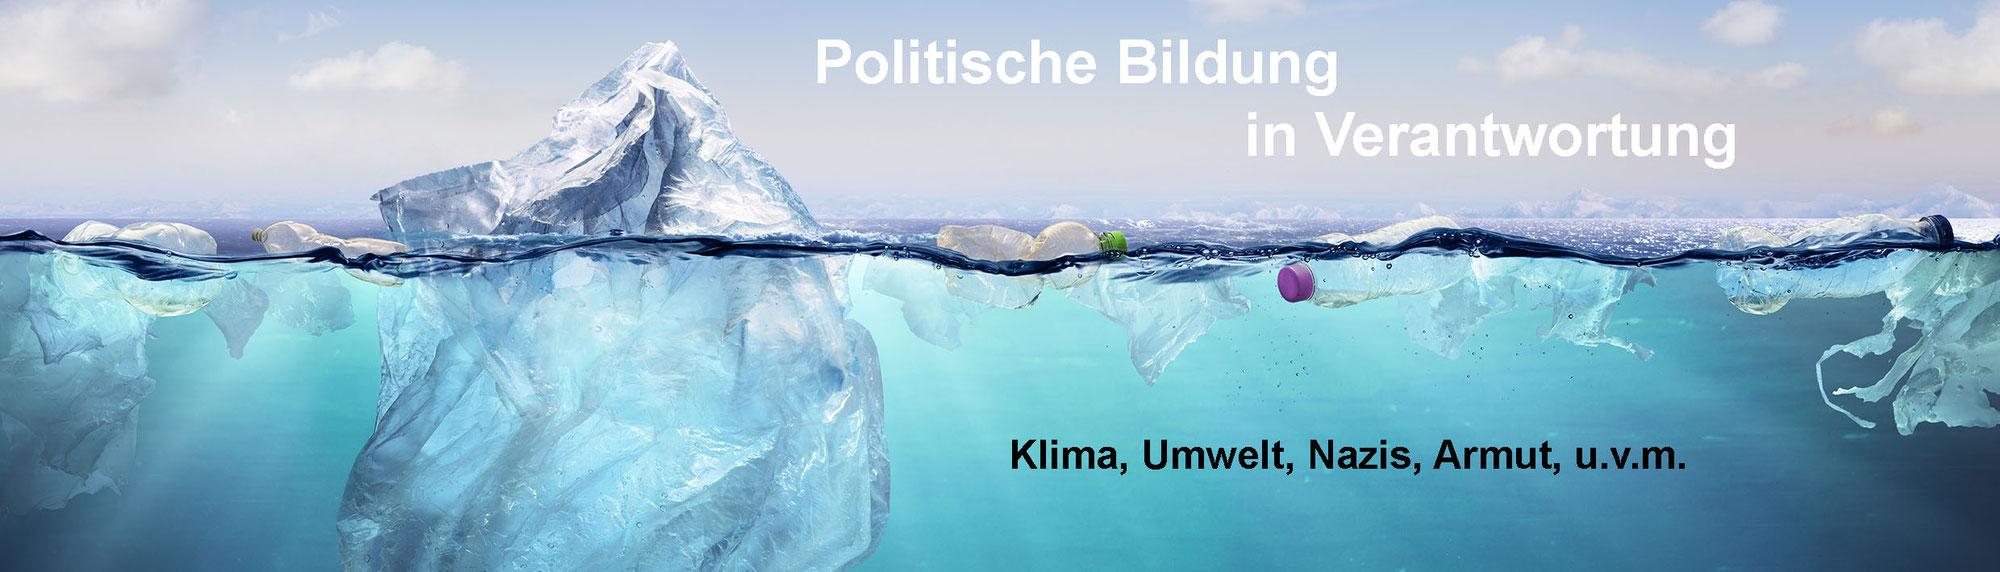 Politische Bildung in Verantwortung - Klima, Umwelt, Nazis, Armut u.v.m.